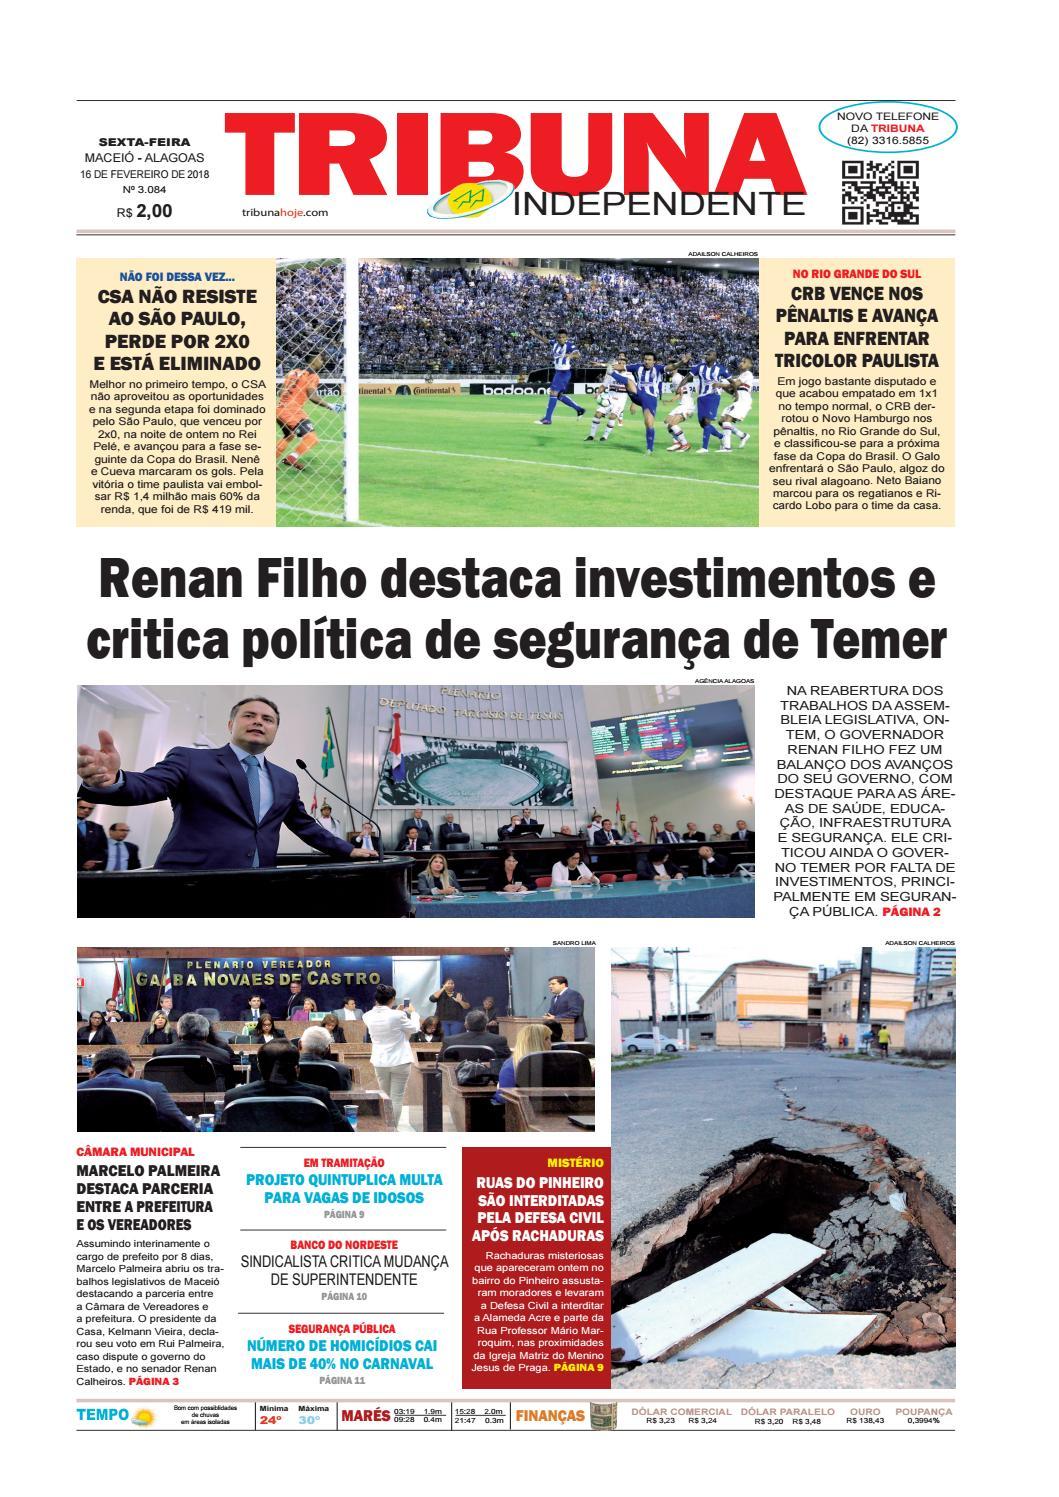 83bbb2e8643 Edição número 3084 - 16 de fevereiro de 2018 by Tribuna Hoje - issuu